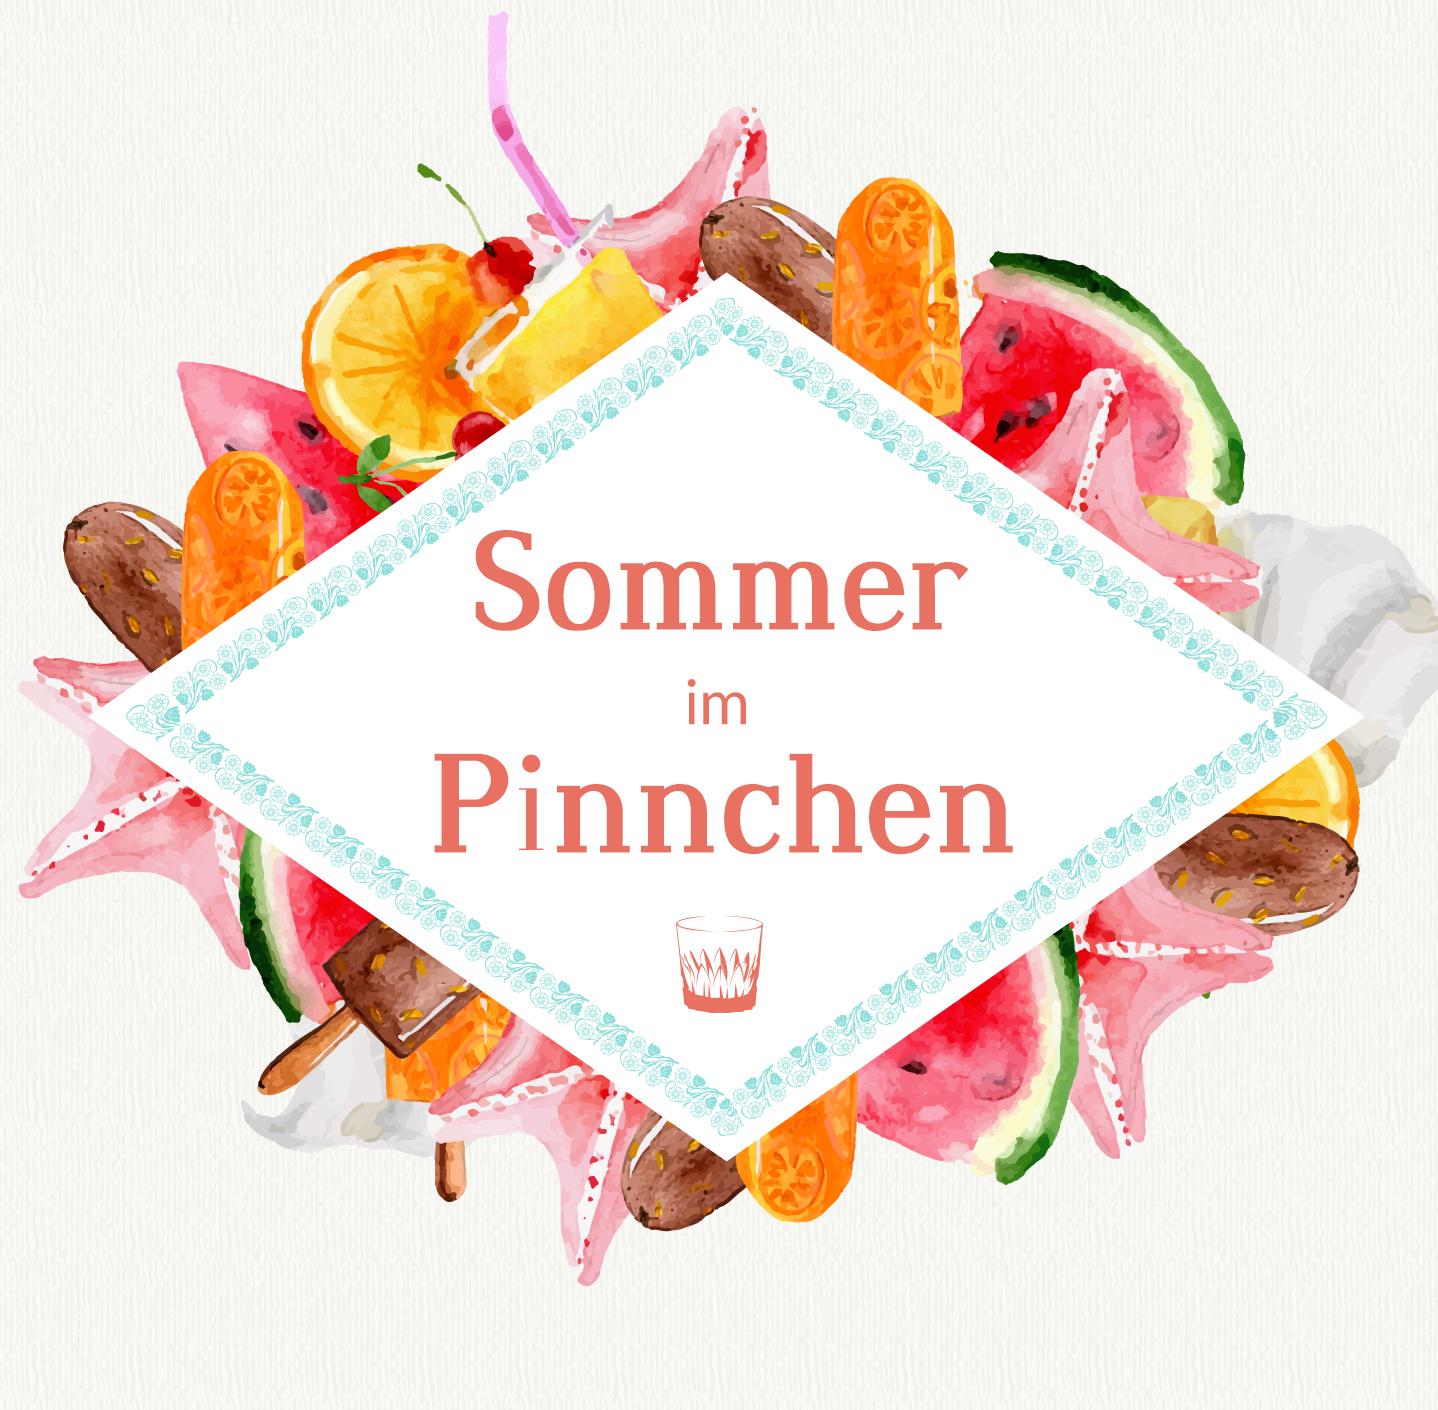 Sommer im Pinnchen